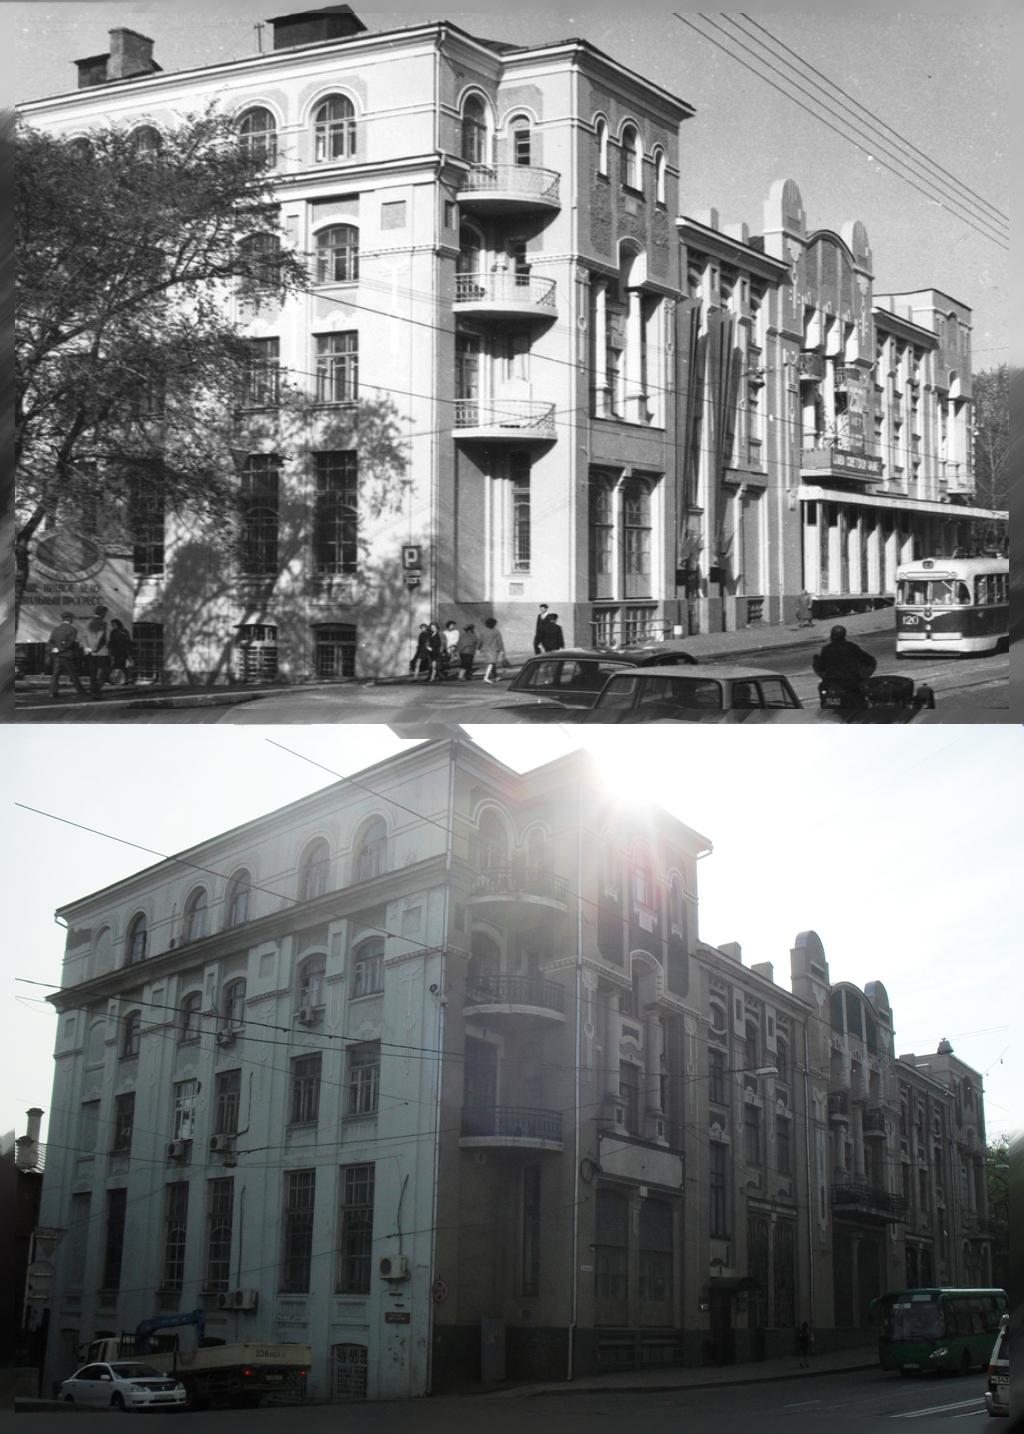 светланская 50, бывший кинотеатр комсомолец (2)